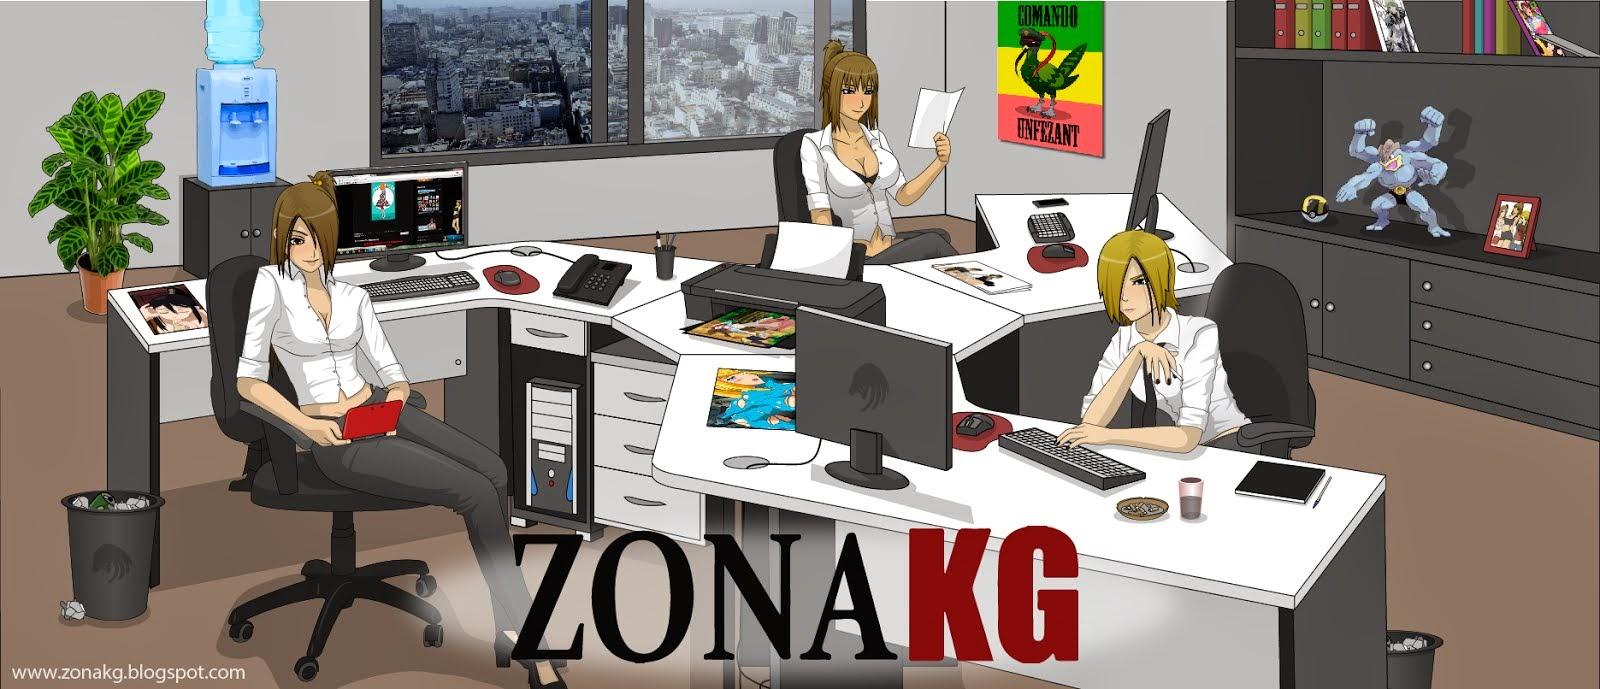 ZonaKG - Hentai